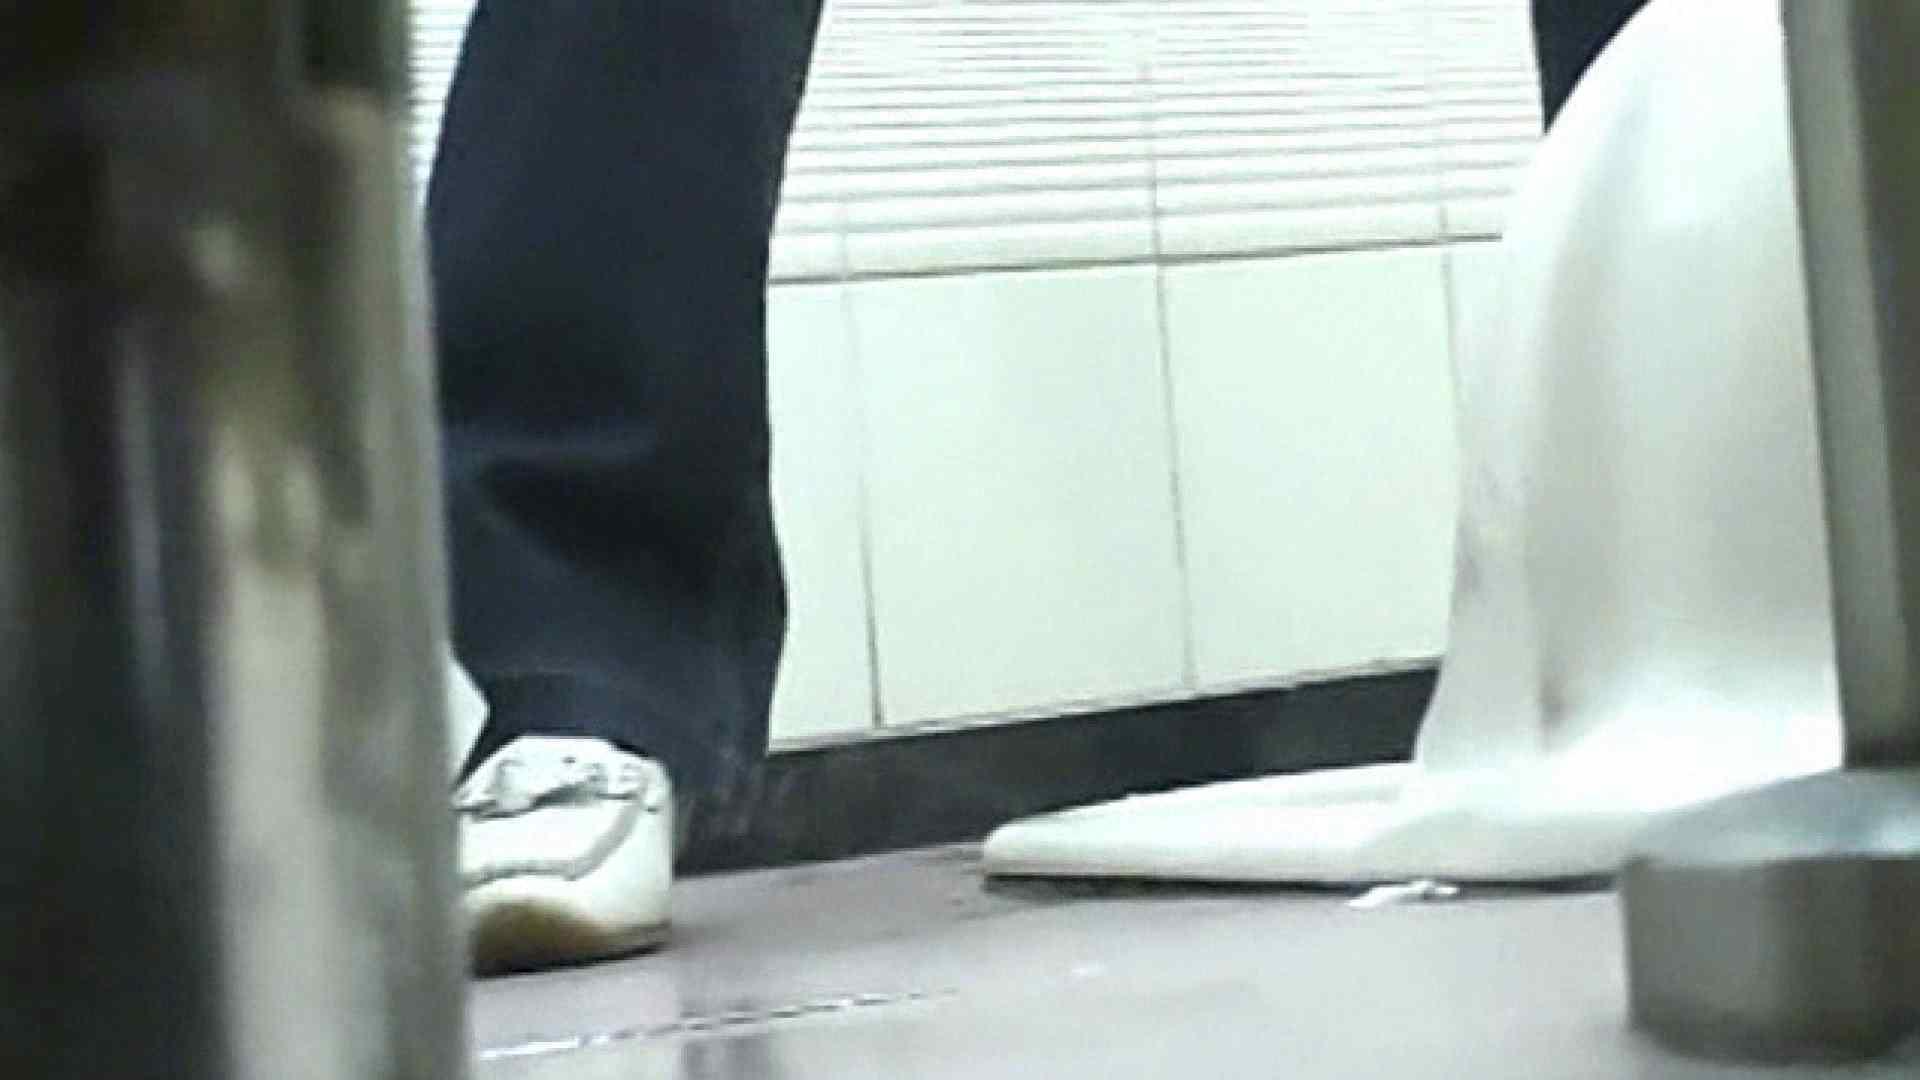 ロックハンドさんの盗撮記録File.74 マンコ・ムレムレ オマンコ動画キャプチャ 79pic 43